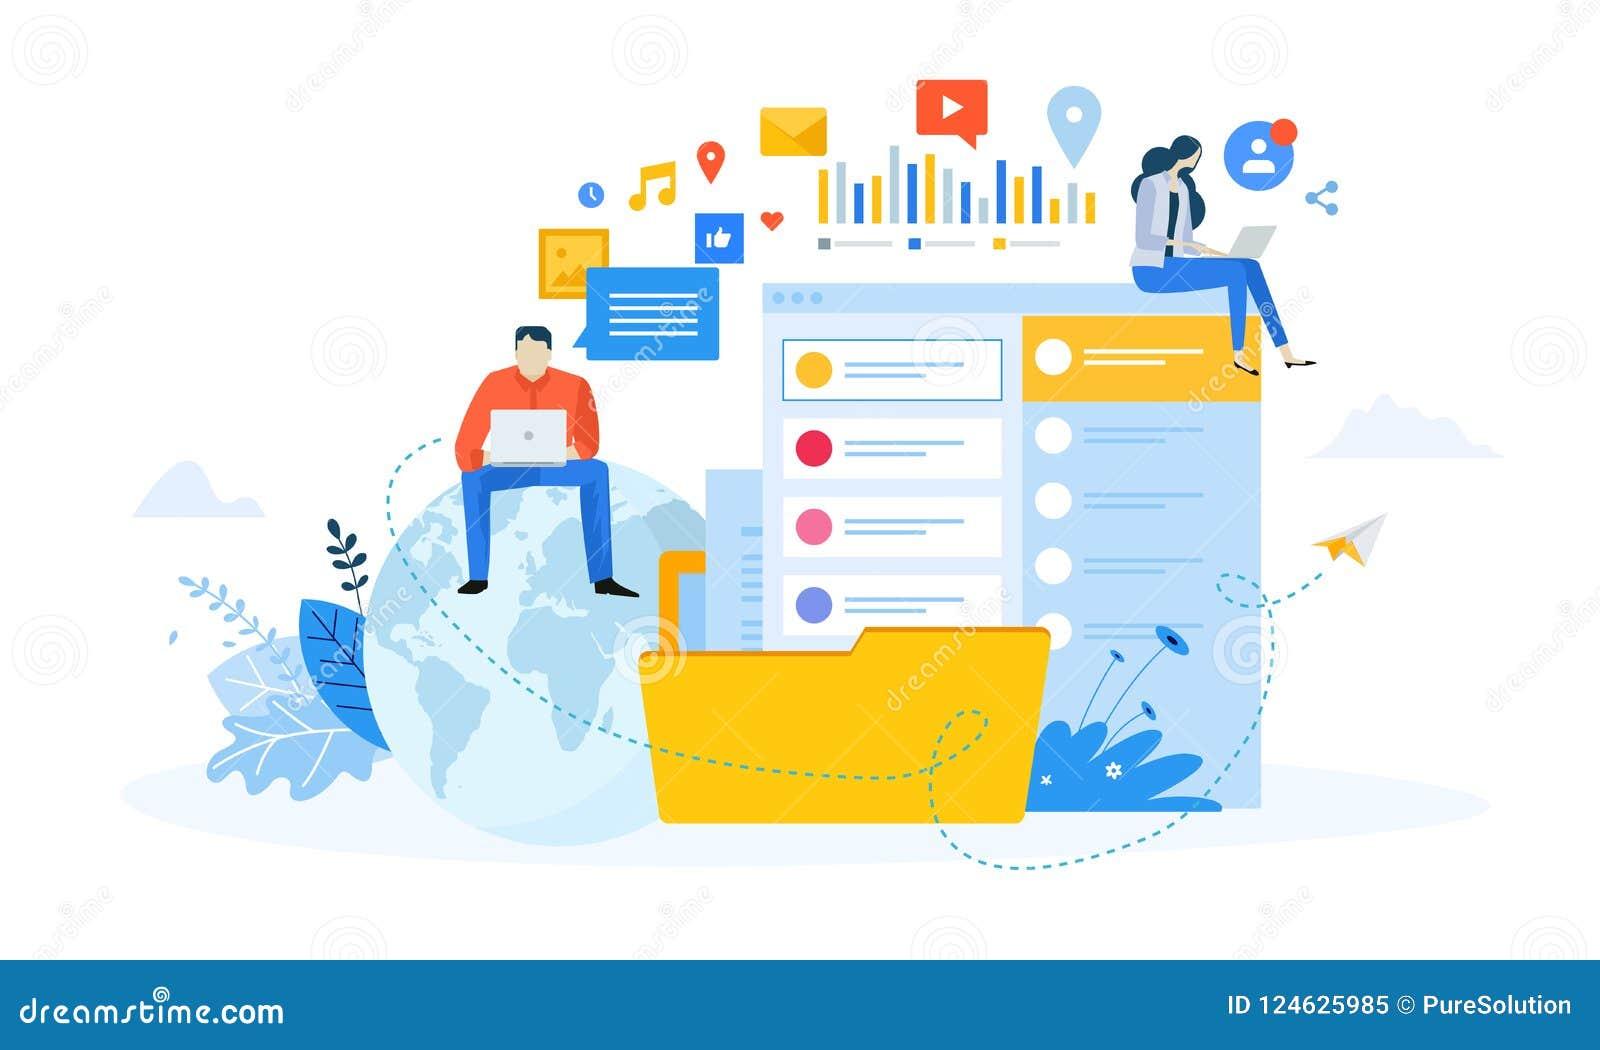 vector illustration concept of social media stock vector